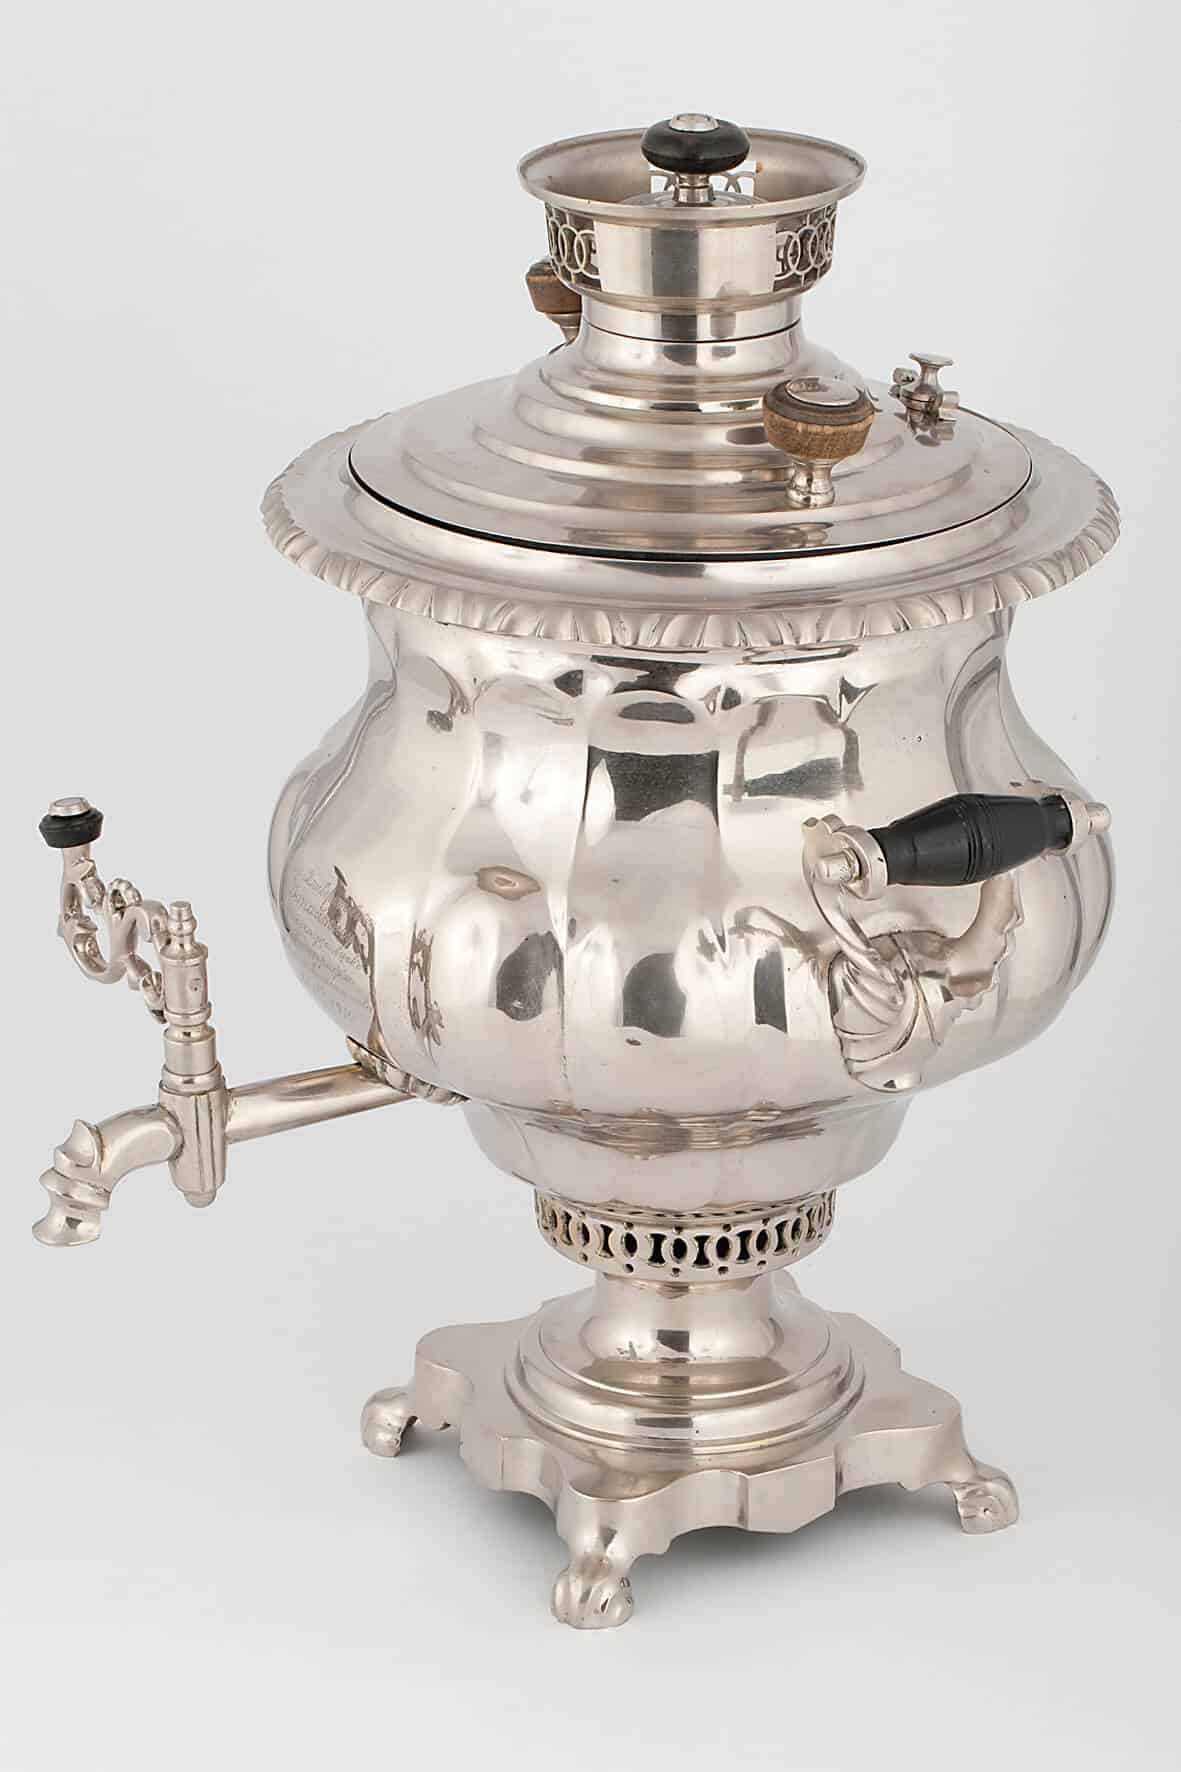 КБ 472 | Самовар-ваза «Овально-ложчатая» | Музей самоваров и бульоток